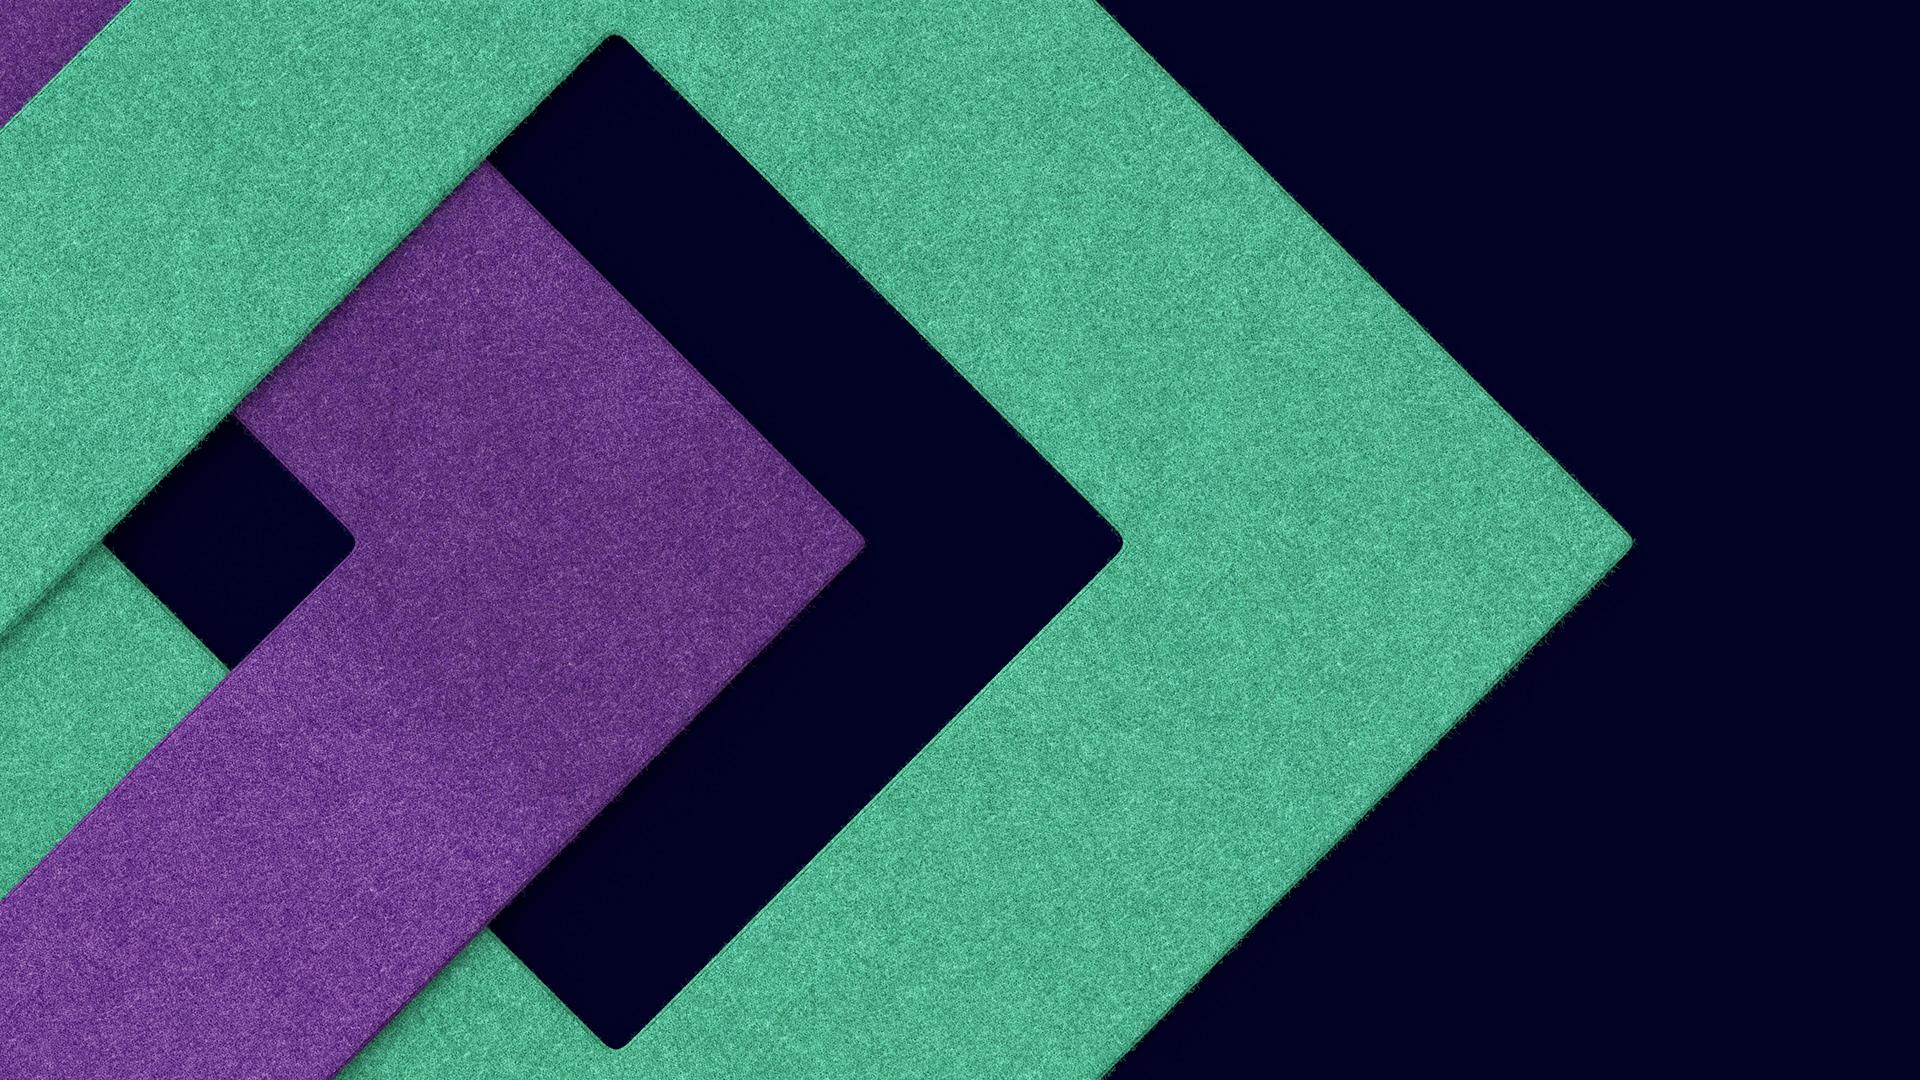 Loom-logo-animation-image-06